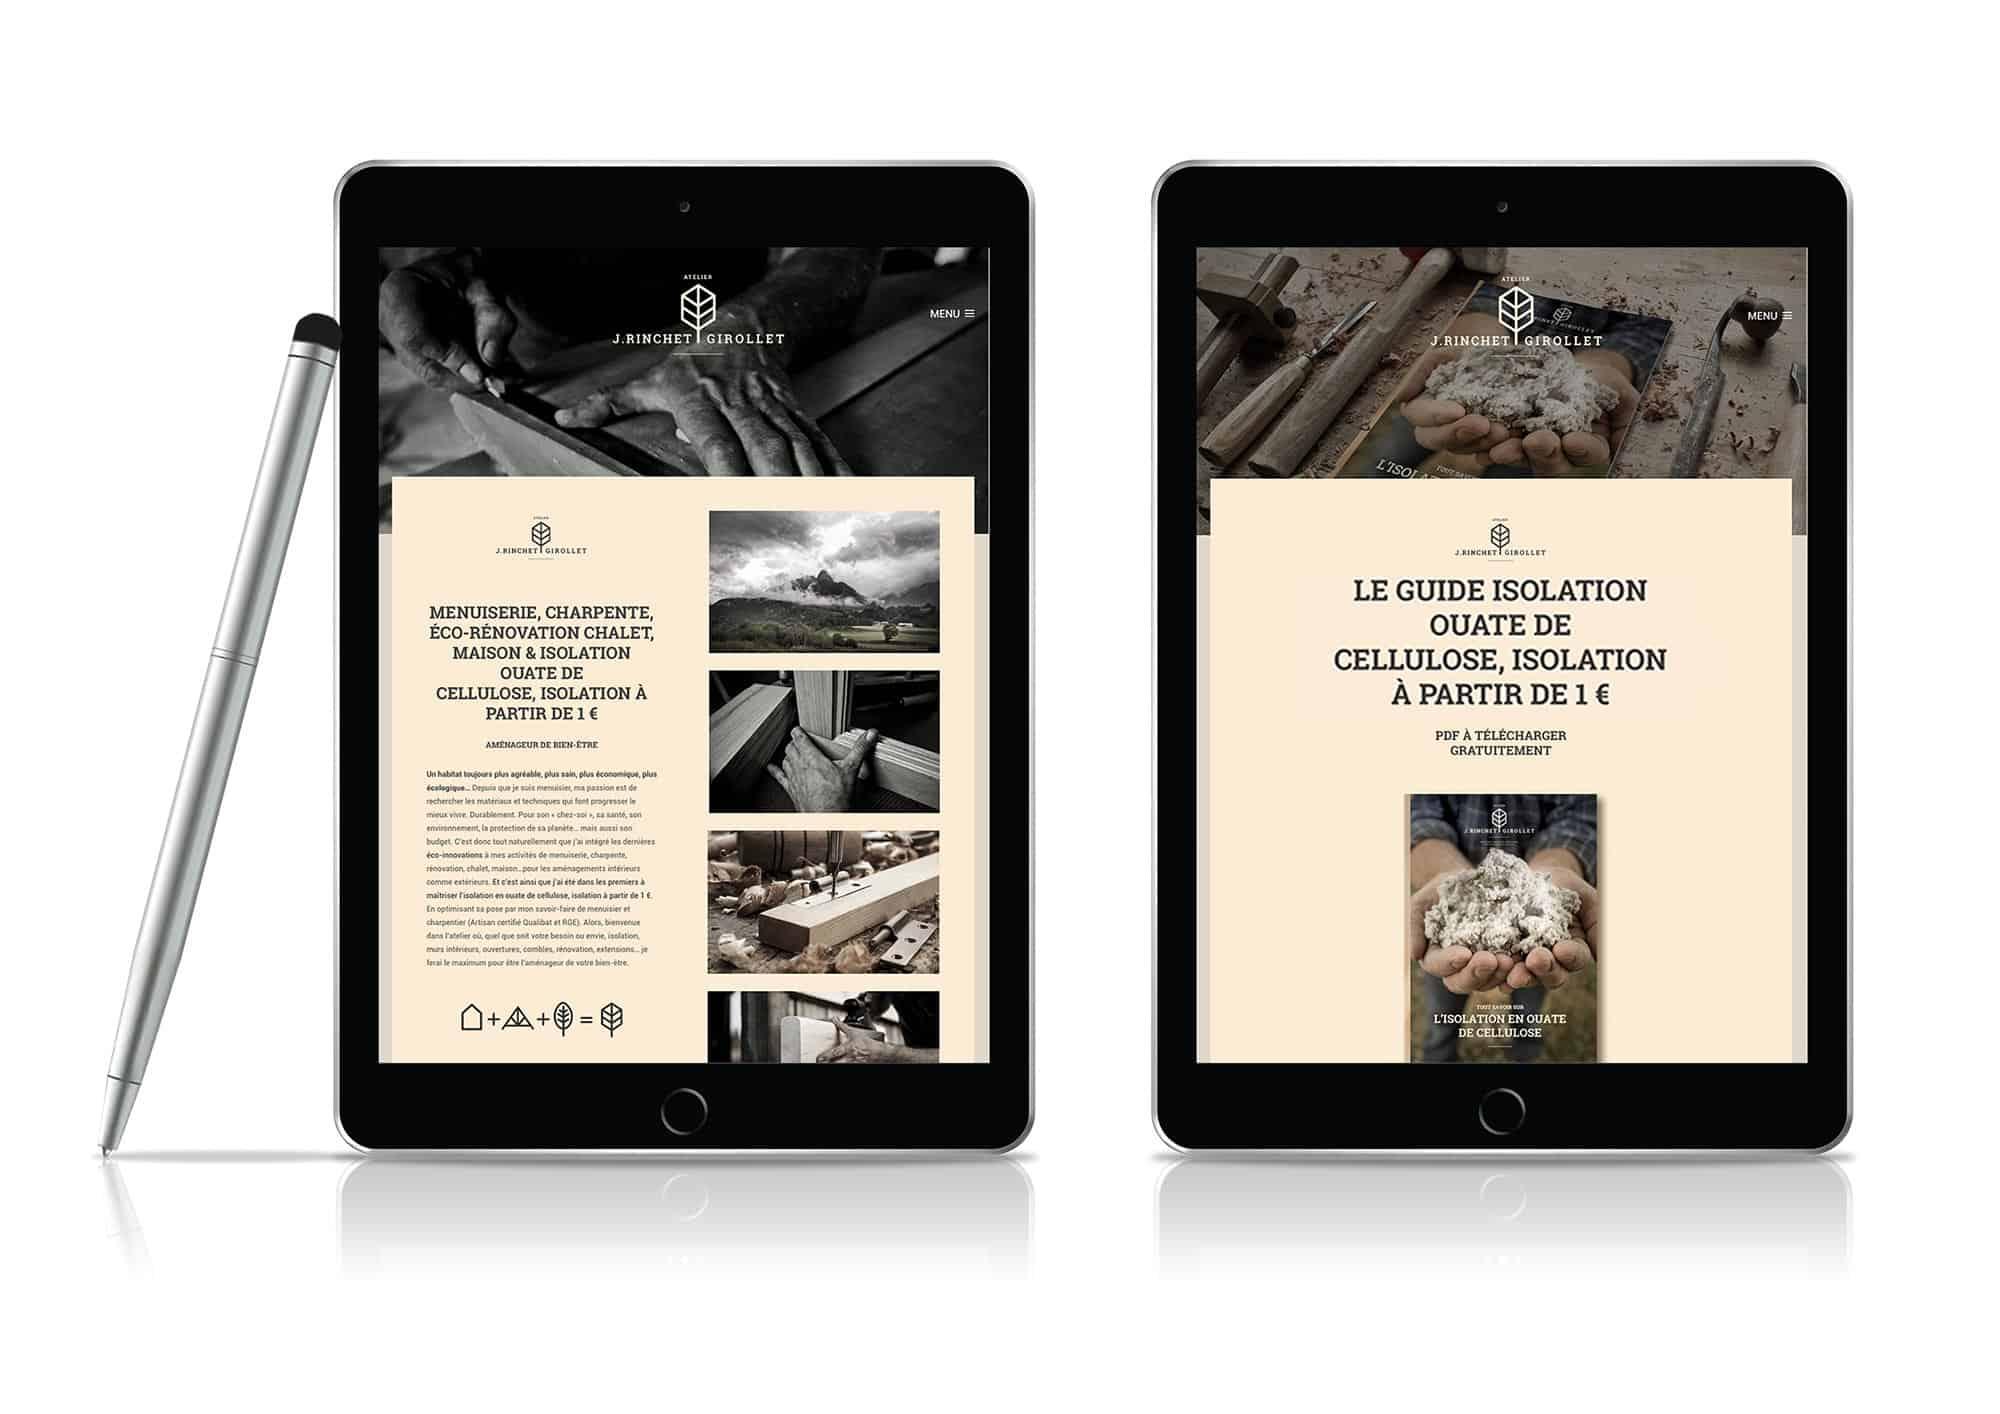 Blue1310-agence-de-communication-publicité-studio-de-creation-agence-branding-graphiste-annecy-paris-geneve